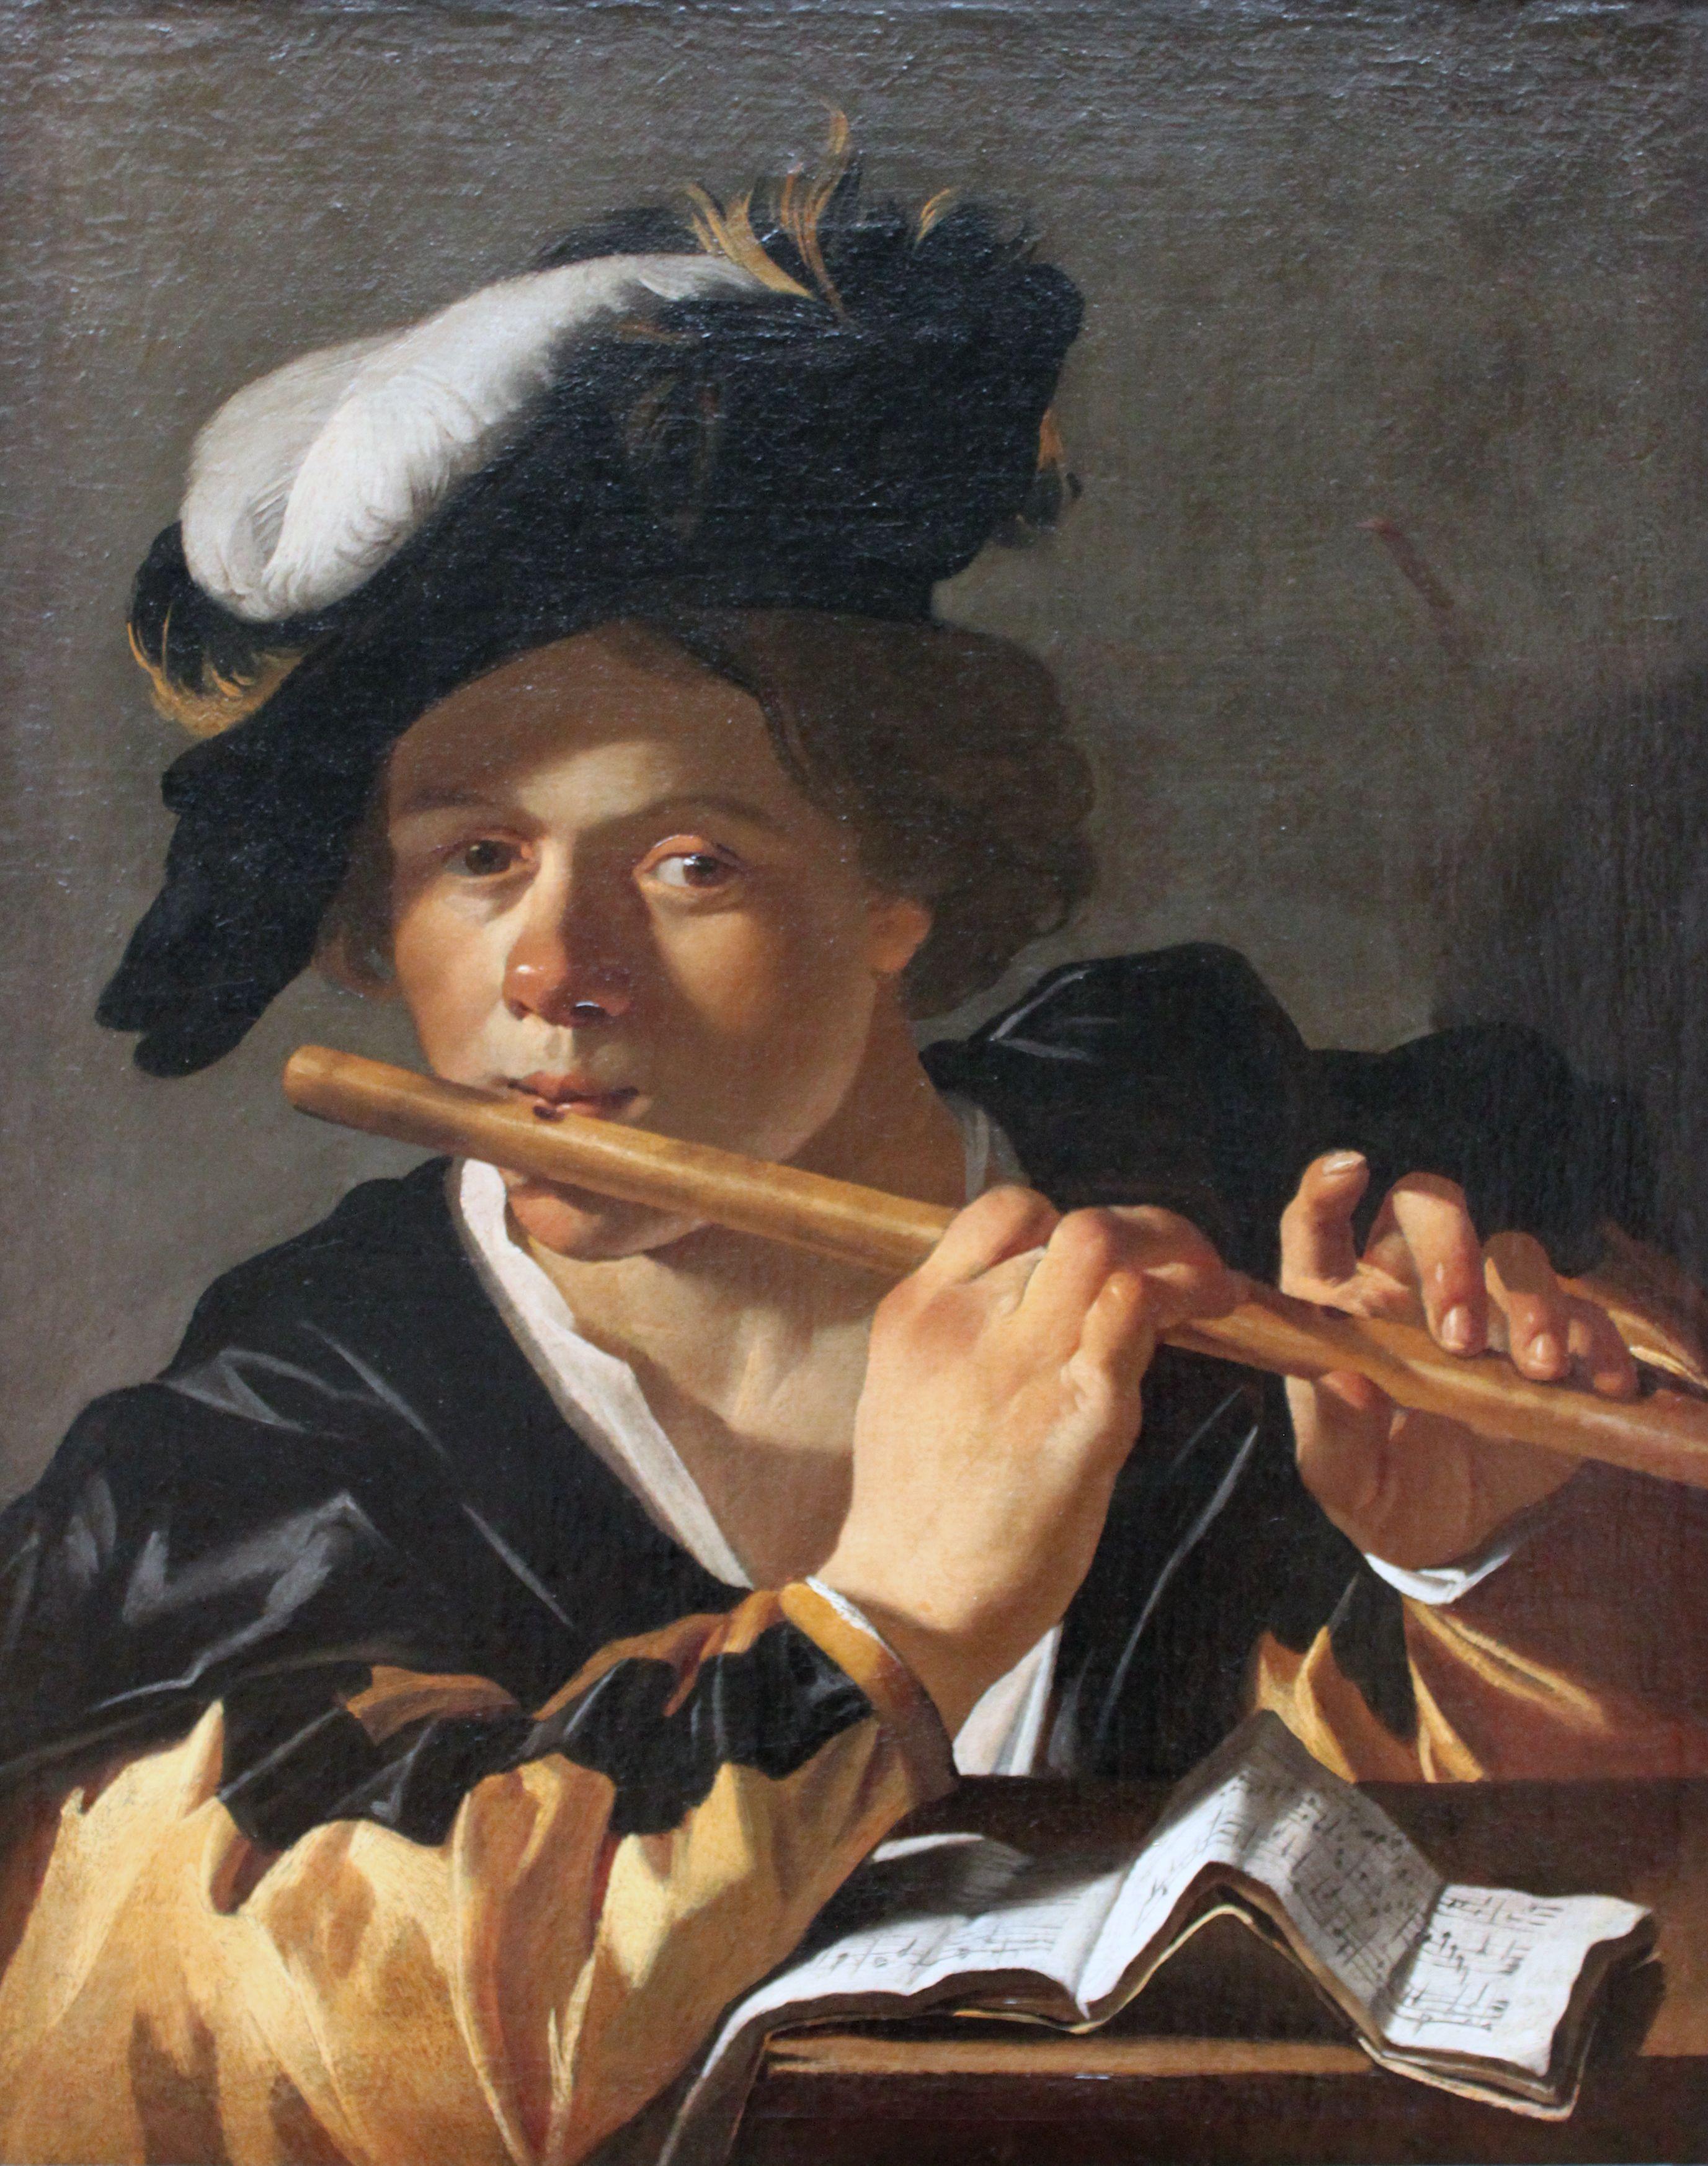 Dirck van Baburen,1620. Joueur de flute, Berlin, Gemaldegalerie